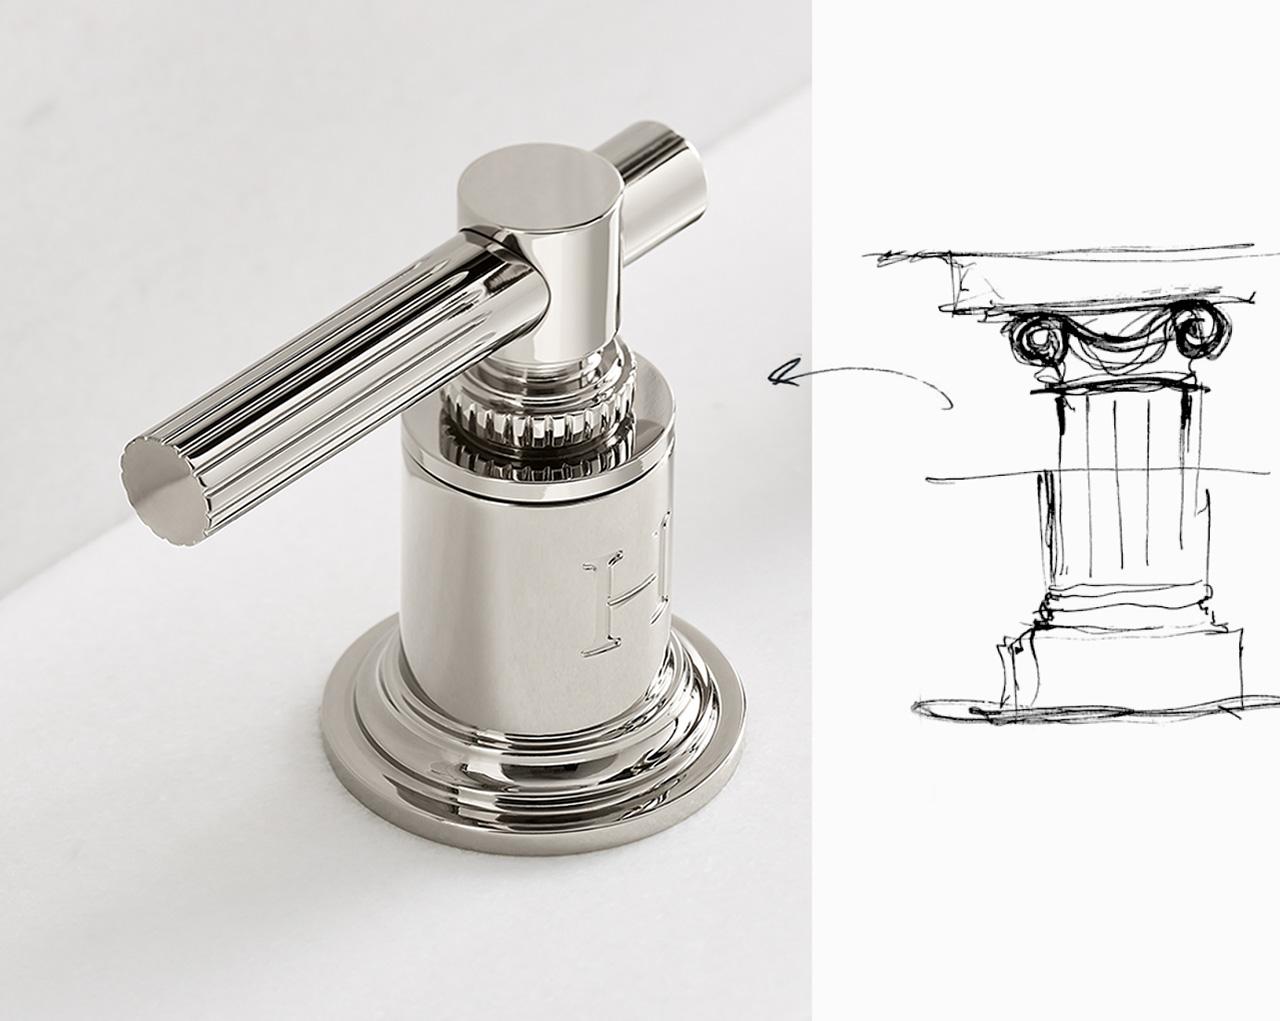 bathroom faucet handle and sketch